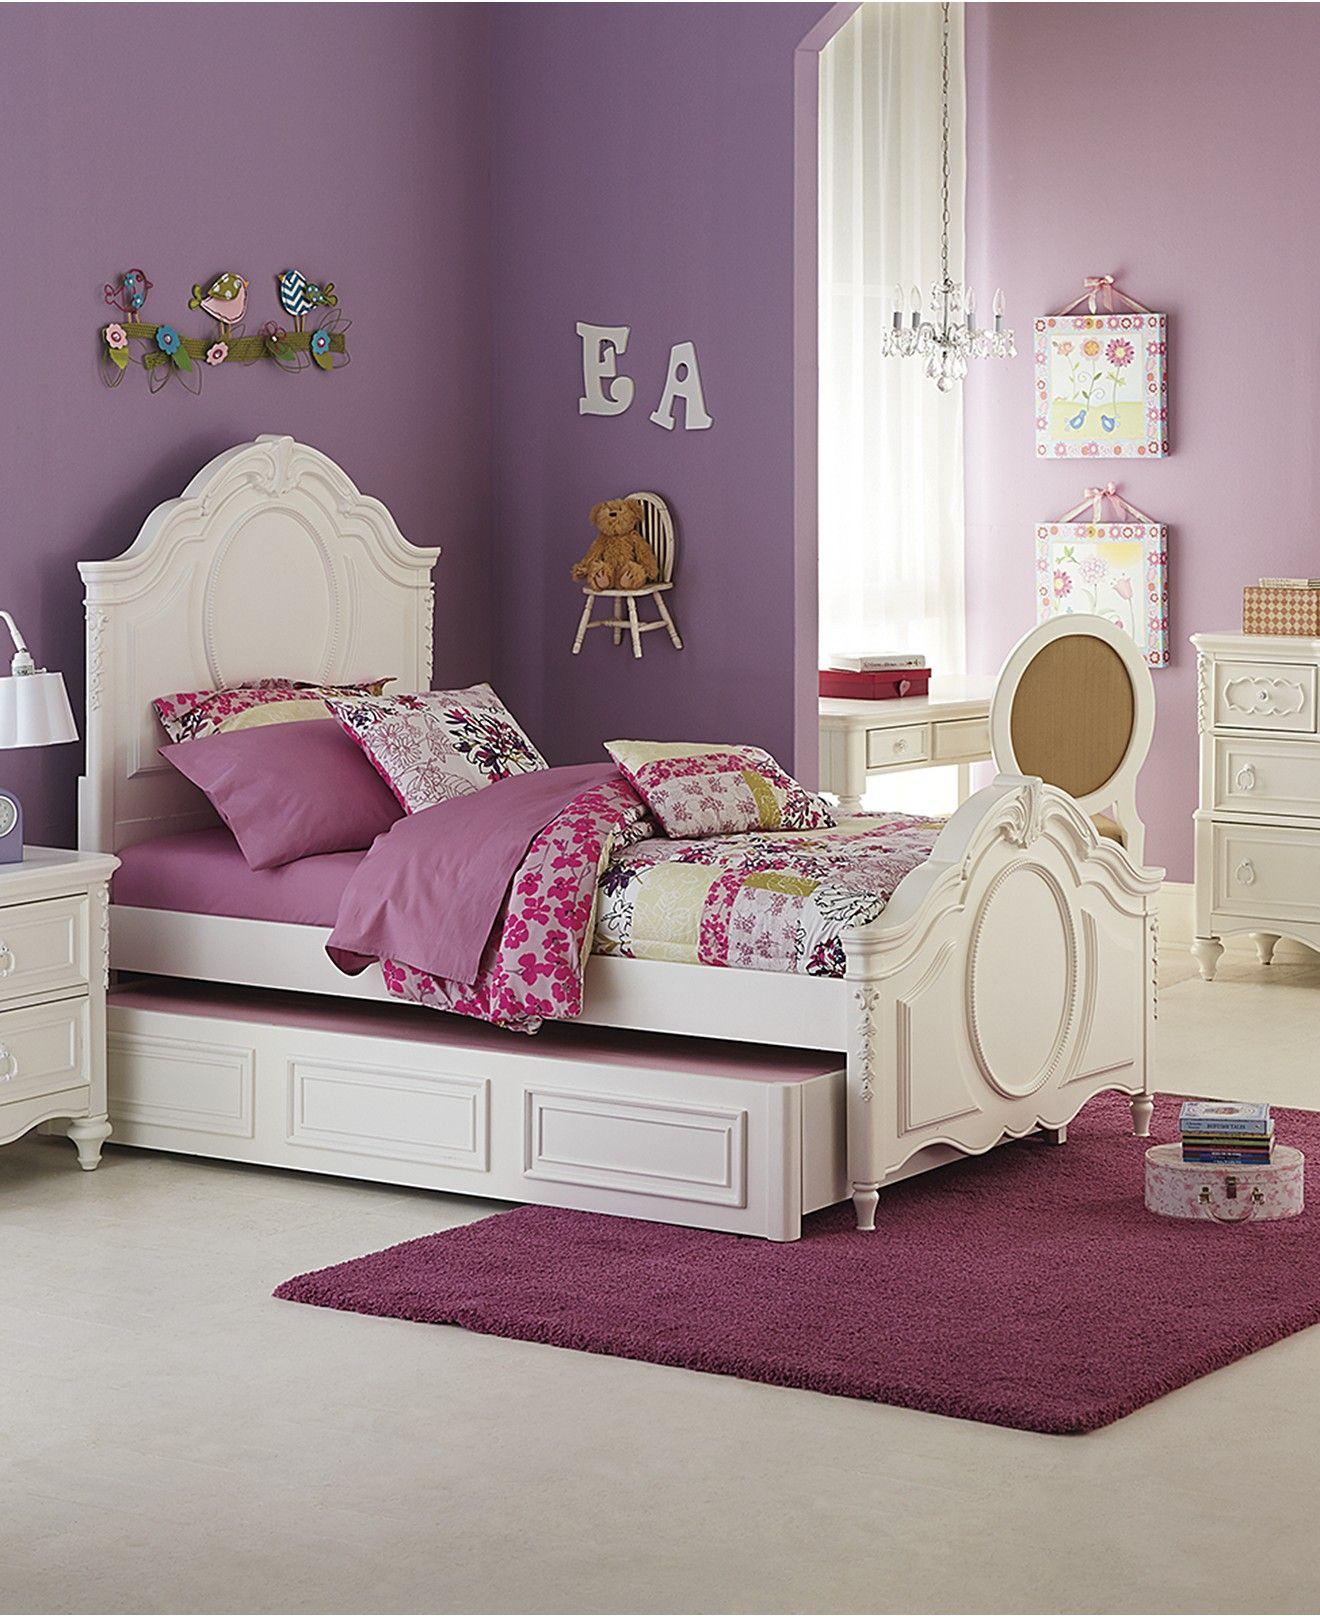 celestial kids bed panel bed  kids' furniture